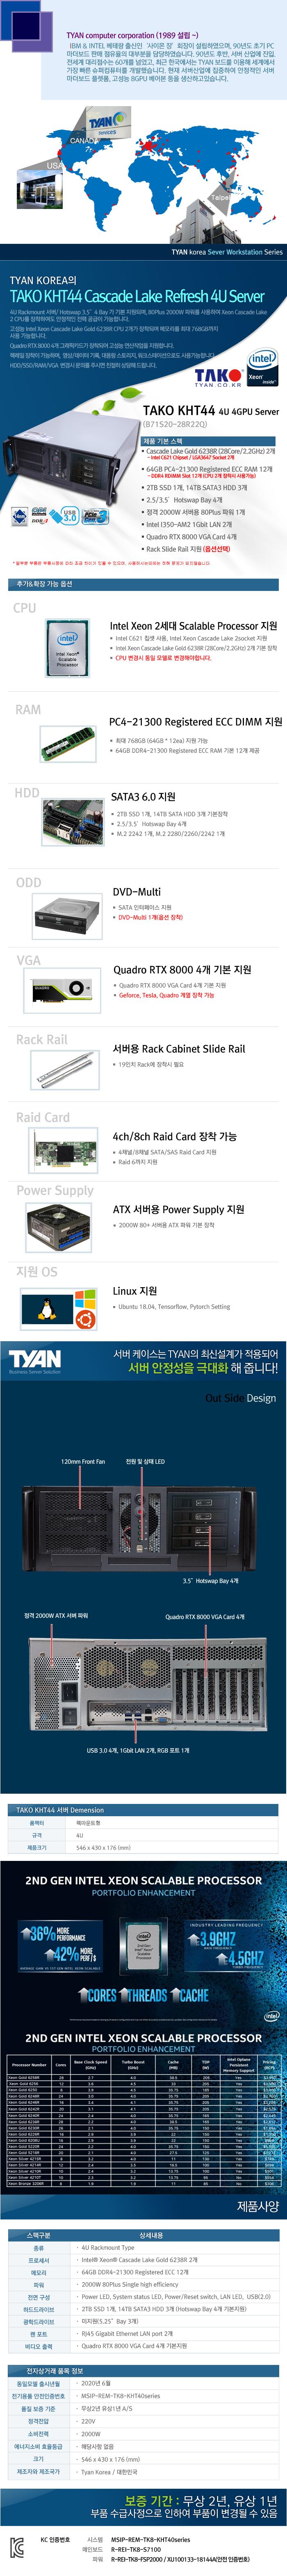 TYAN TAKO-KHT44-(B71S20-28R22Q) 4GPU (768GB, SSD 2TB + 42TB)